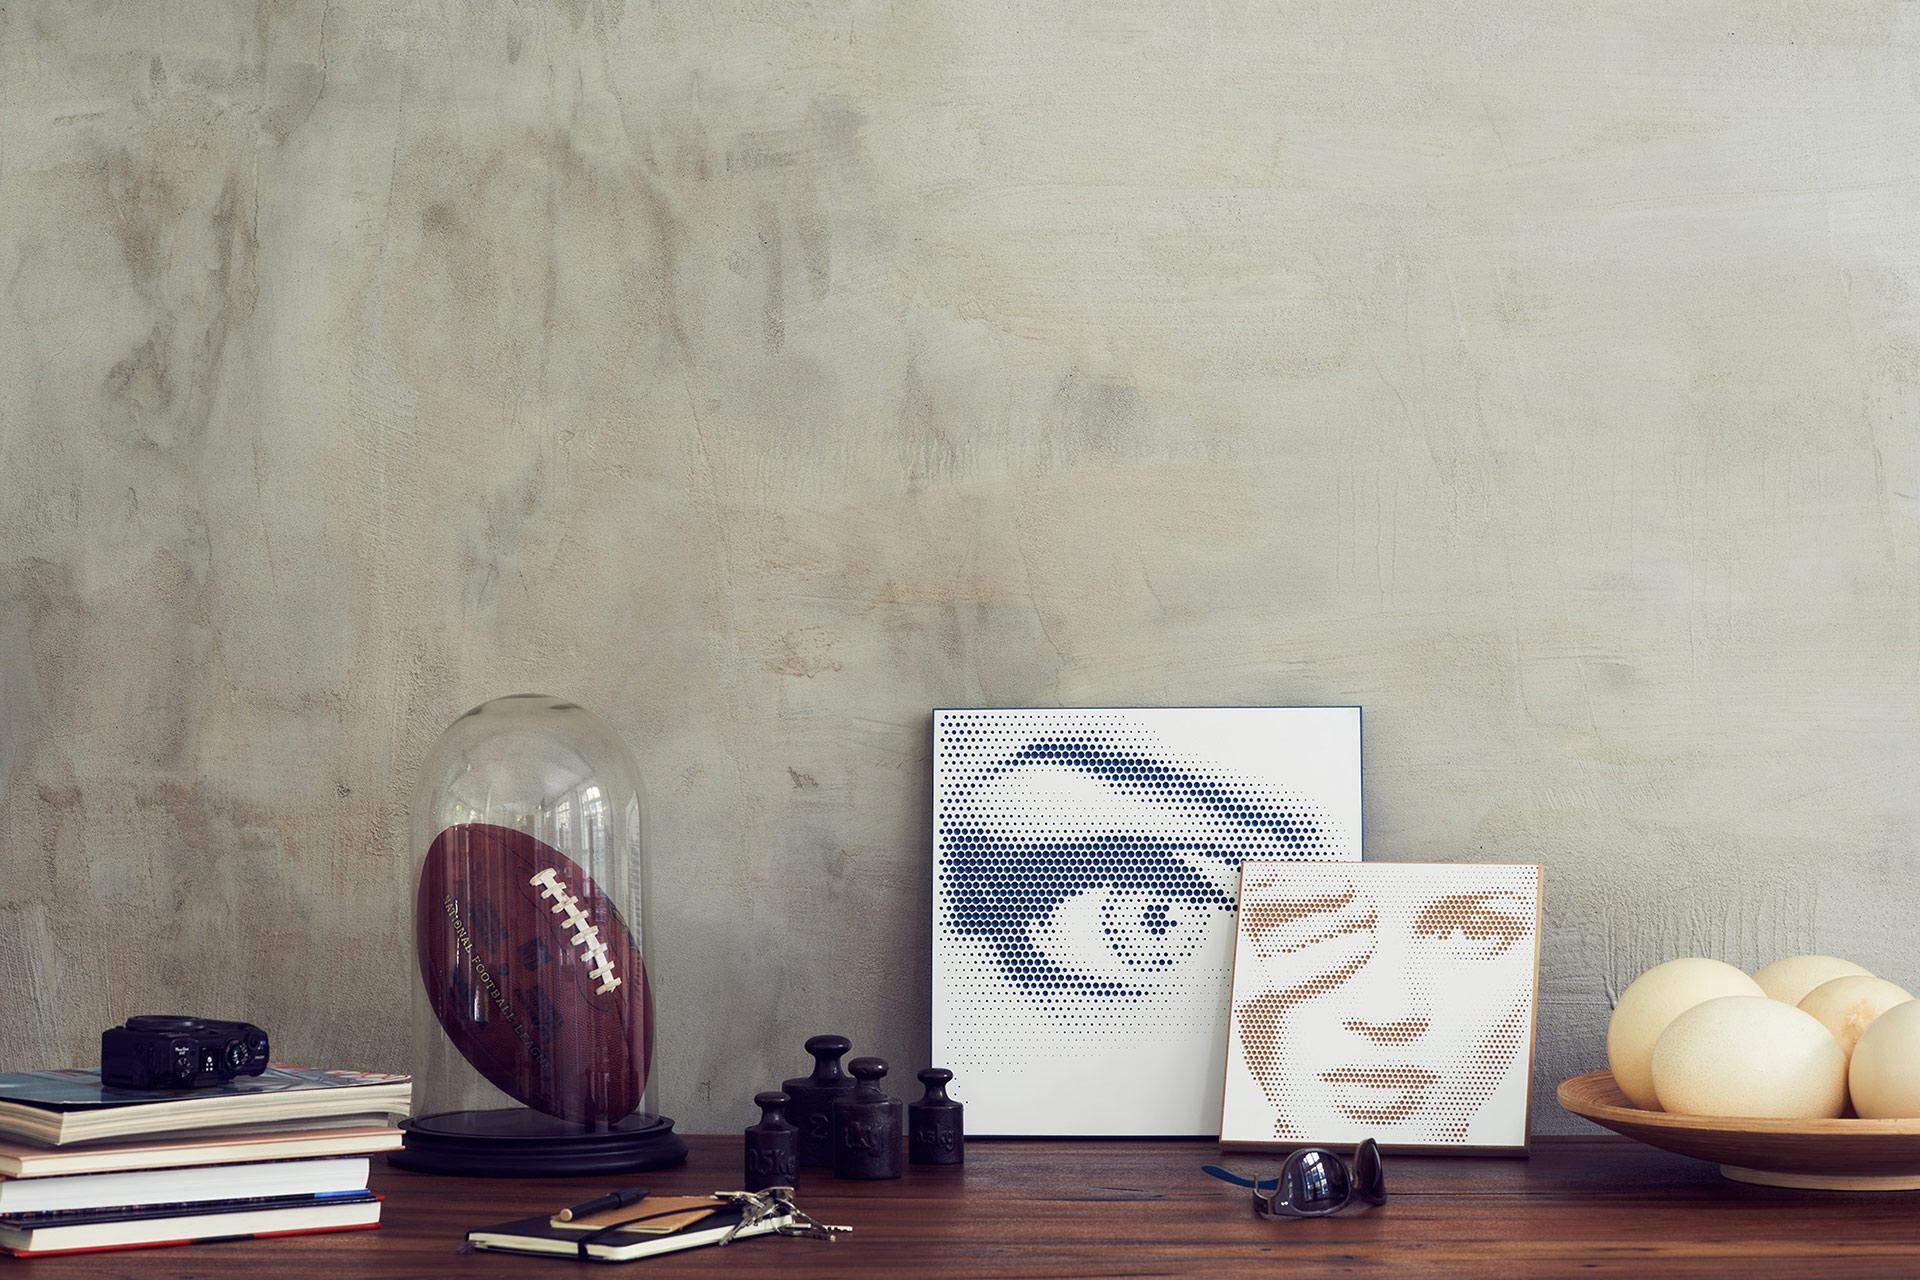 Brauner Schreibtisch mit hålvtone Motiven